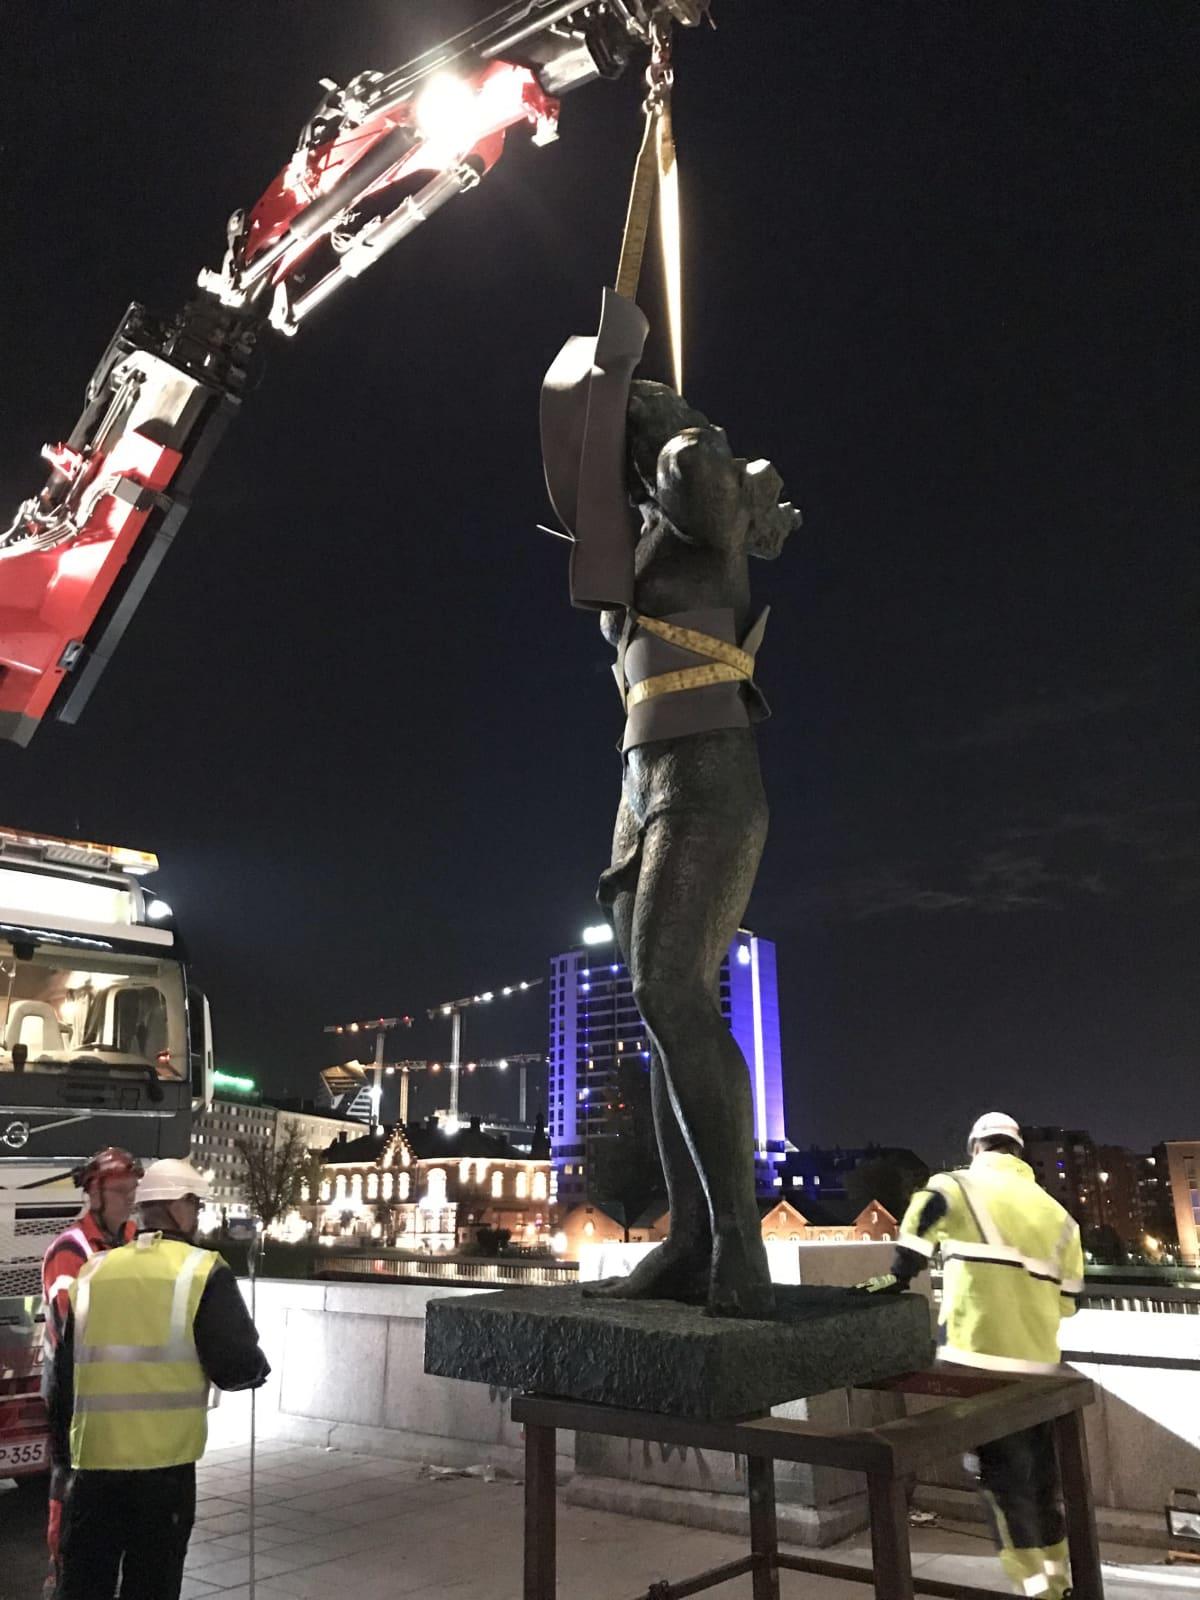 Suomen neito -patsas pystytetään Hämeensillalla Tampereella.